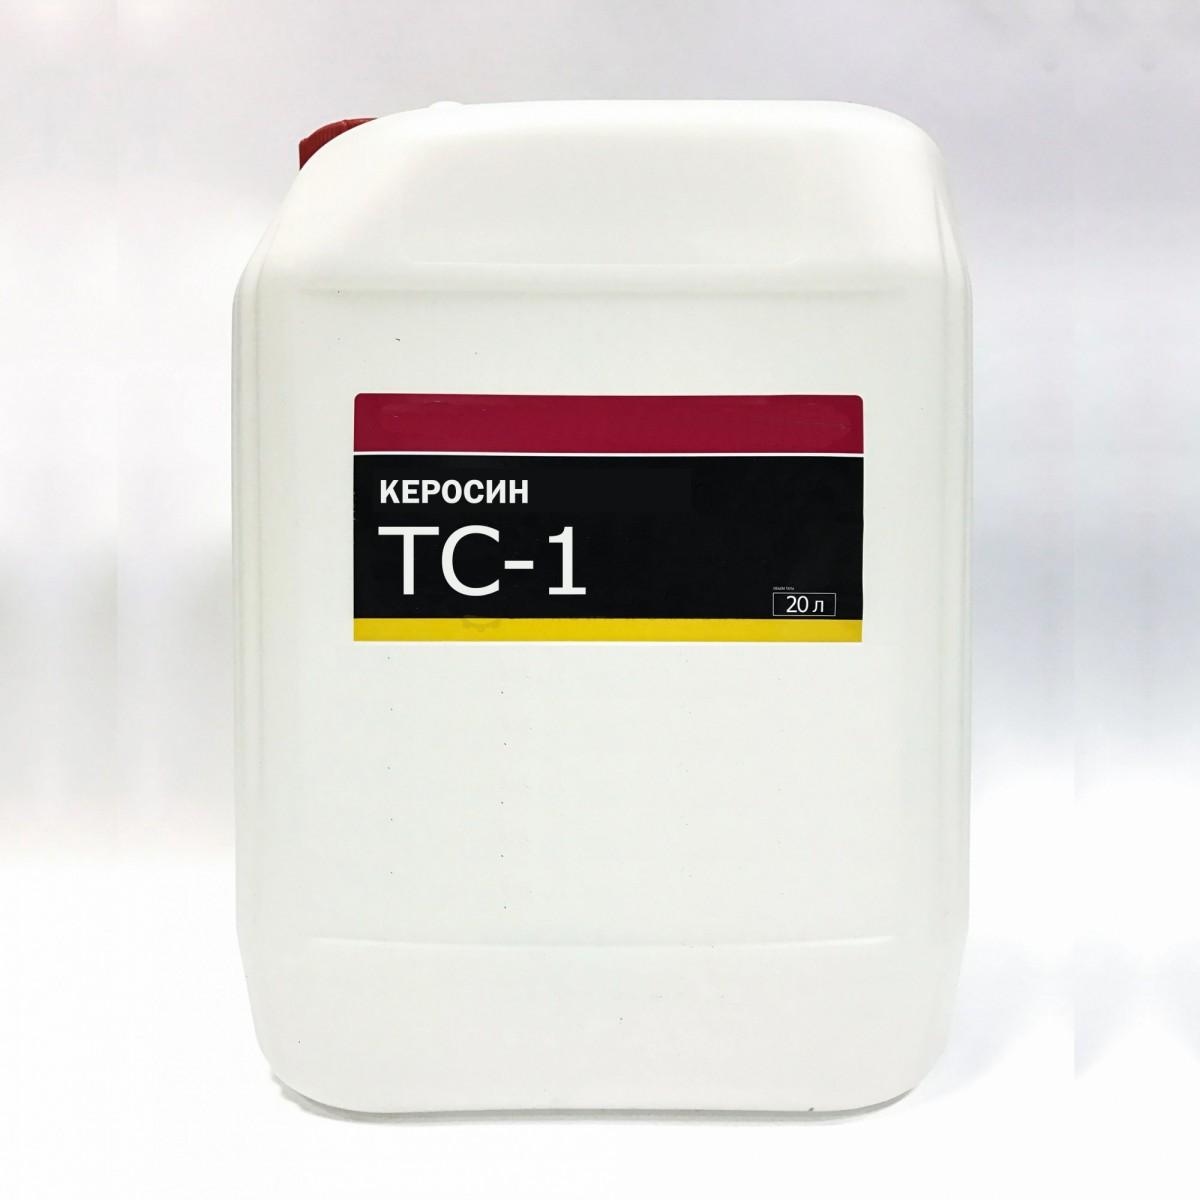 Керосин ТС-1 20л